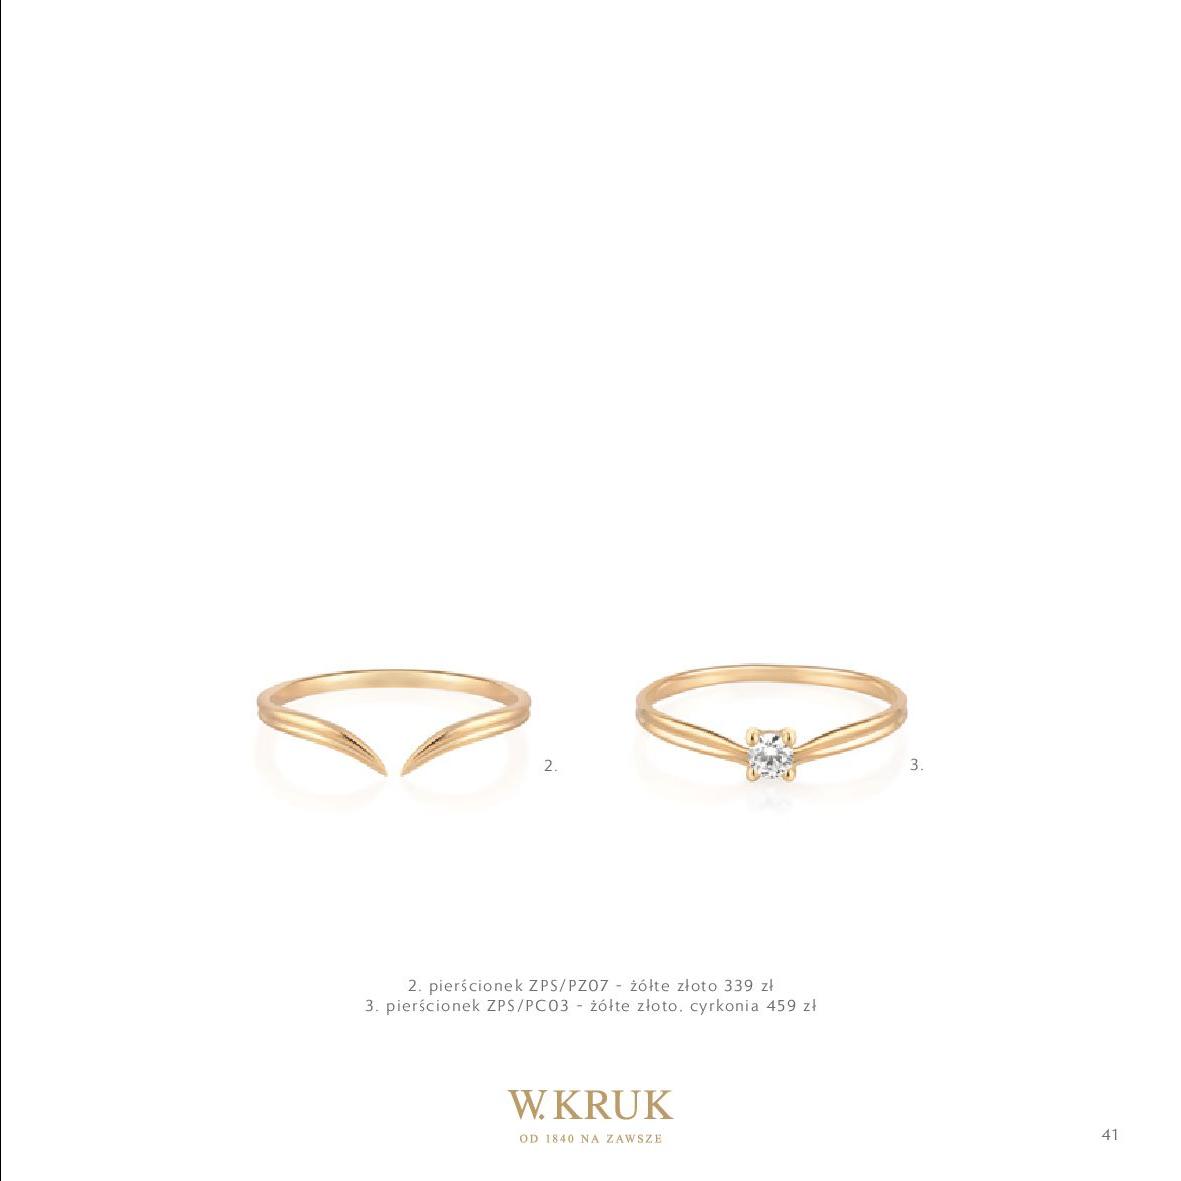 Gazetka W. KRUK: Katalog - Kolekcja Przyjaźń 2021-02-17 page-43